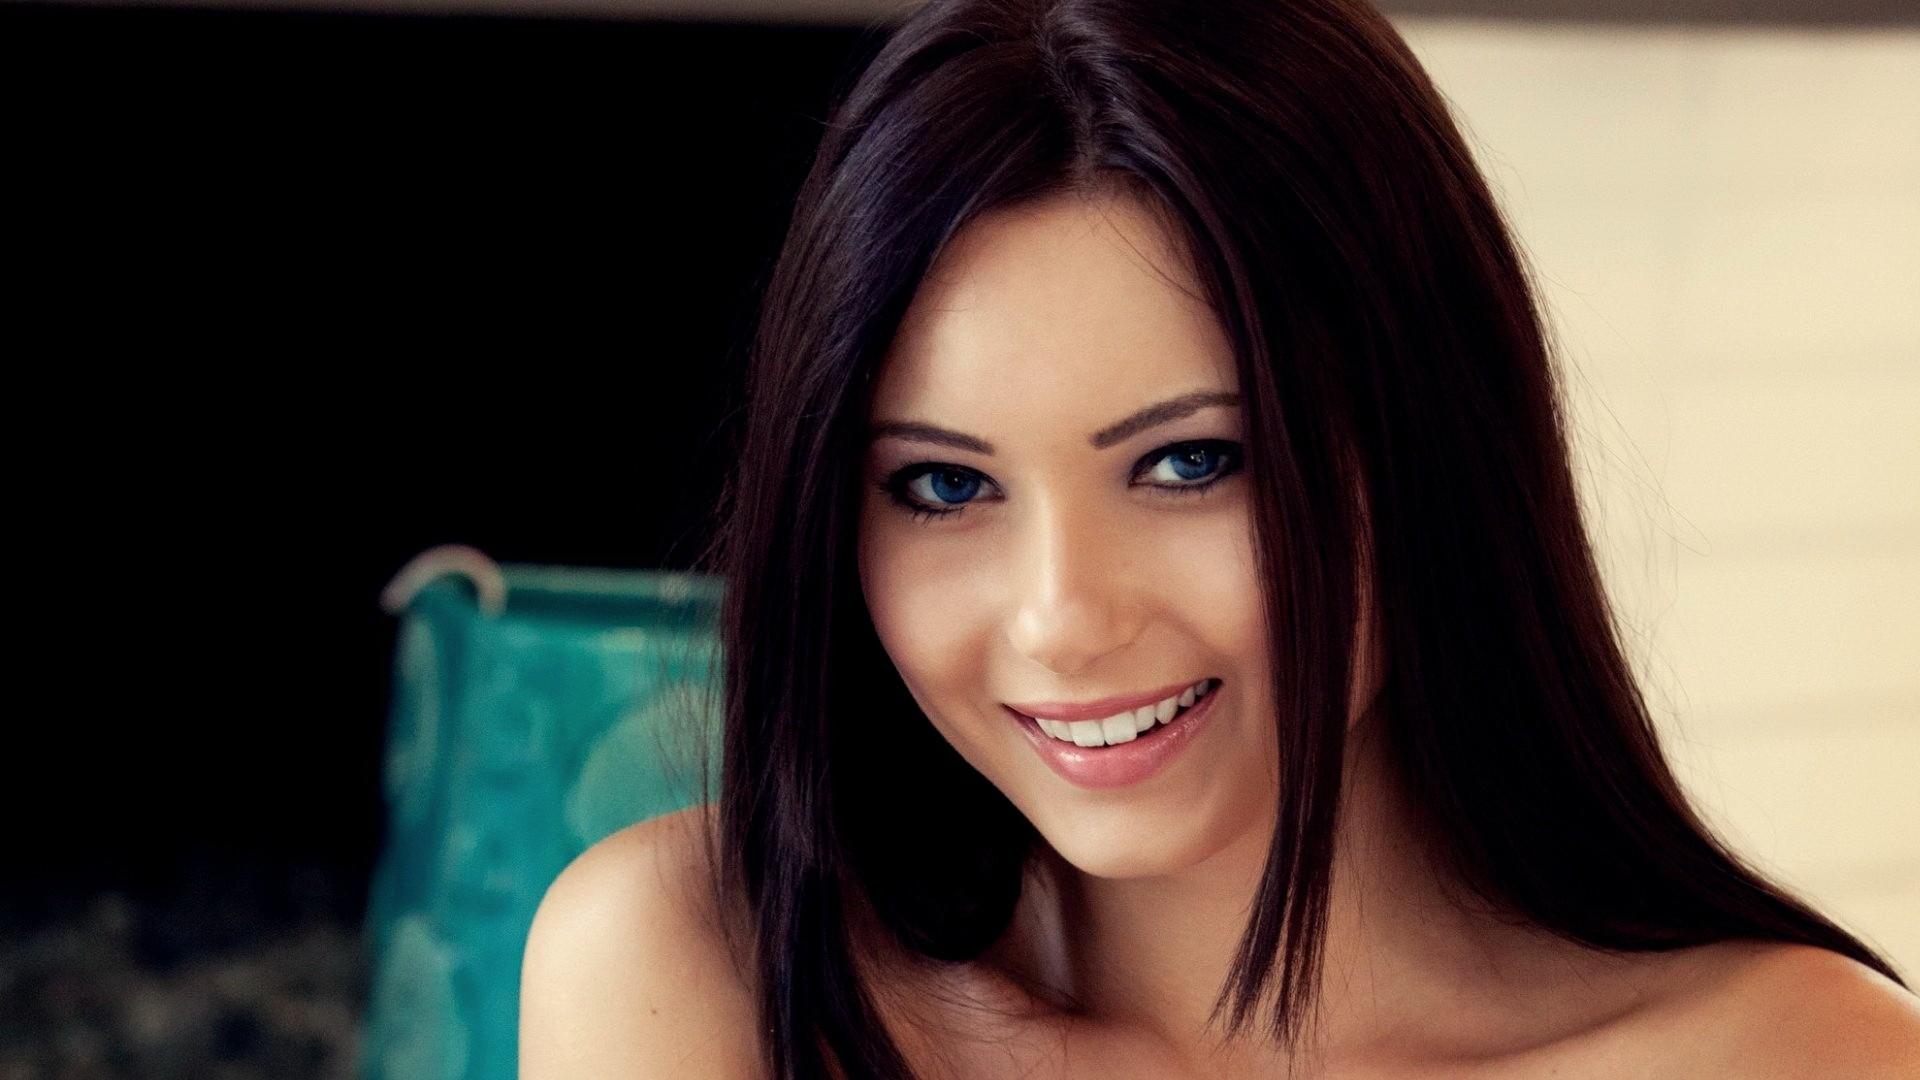 улыбка взгляд лицо девушка милая загрузить